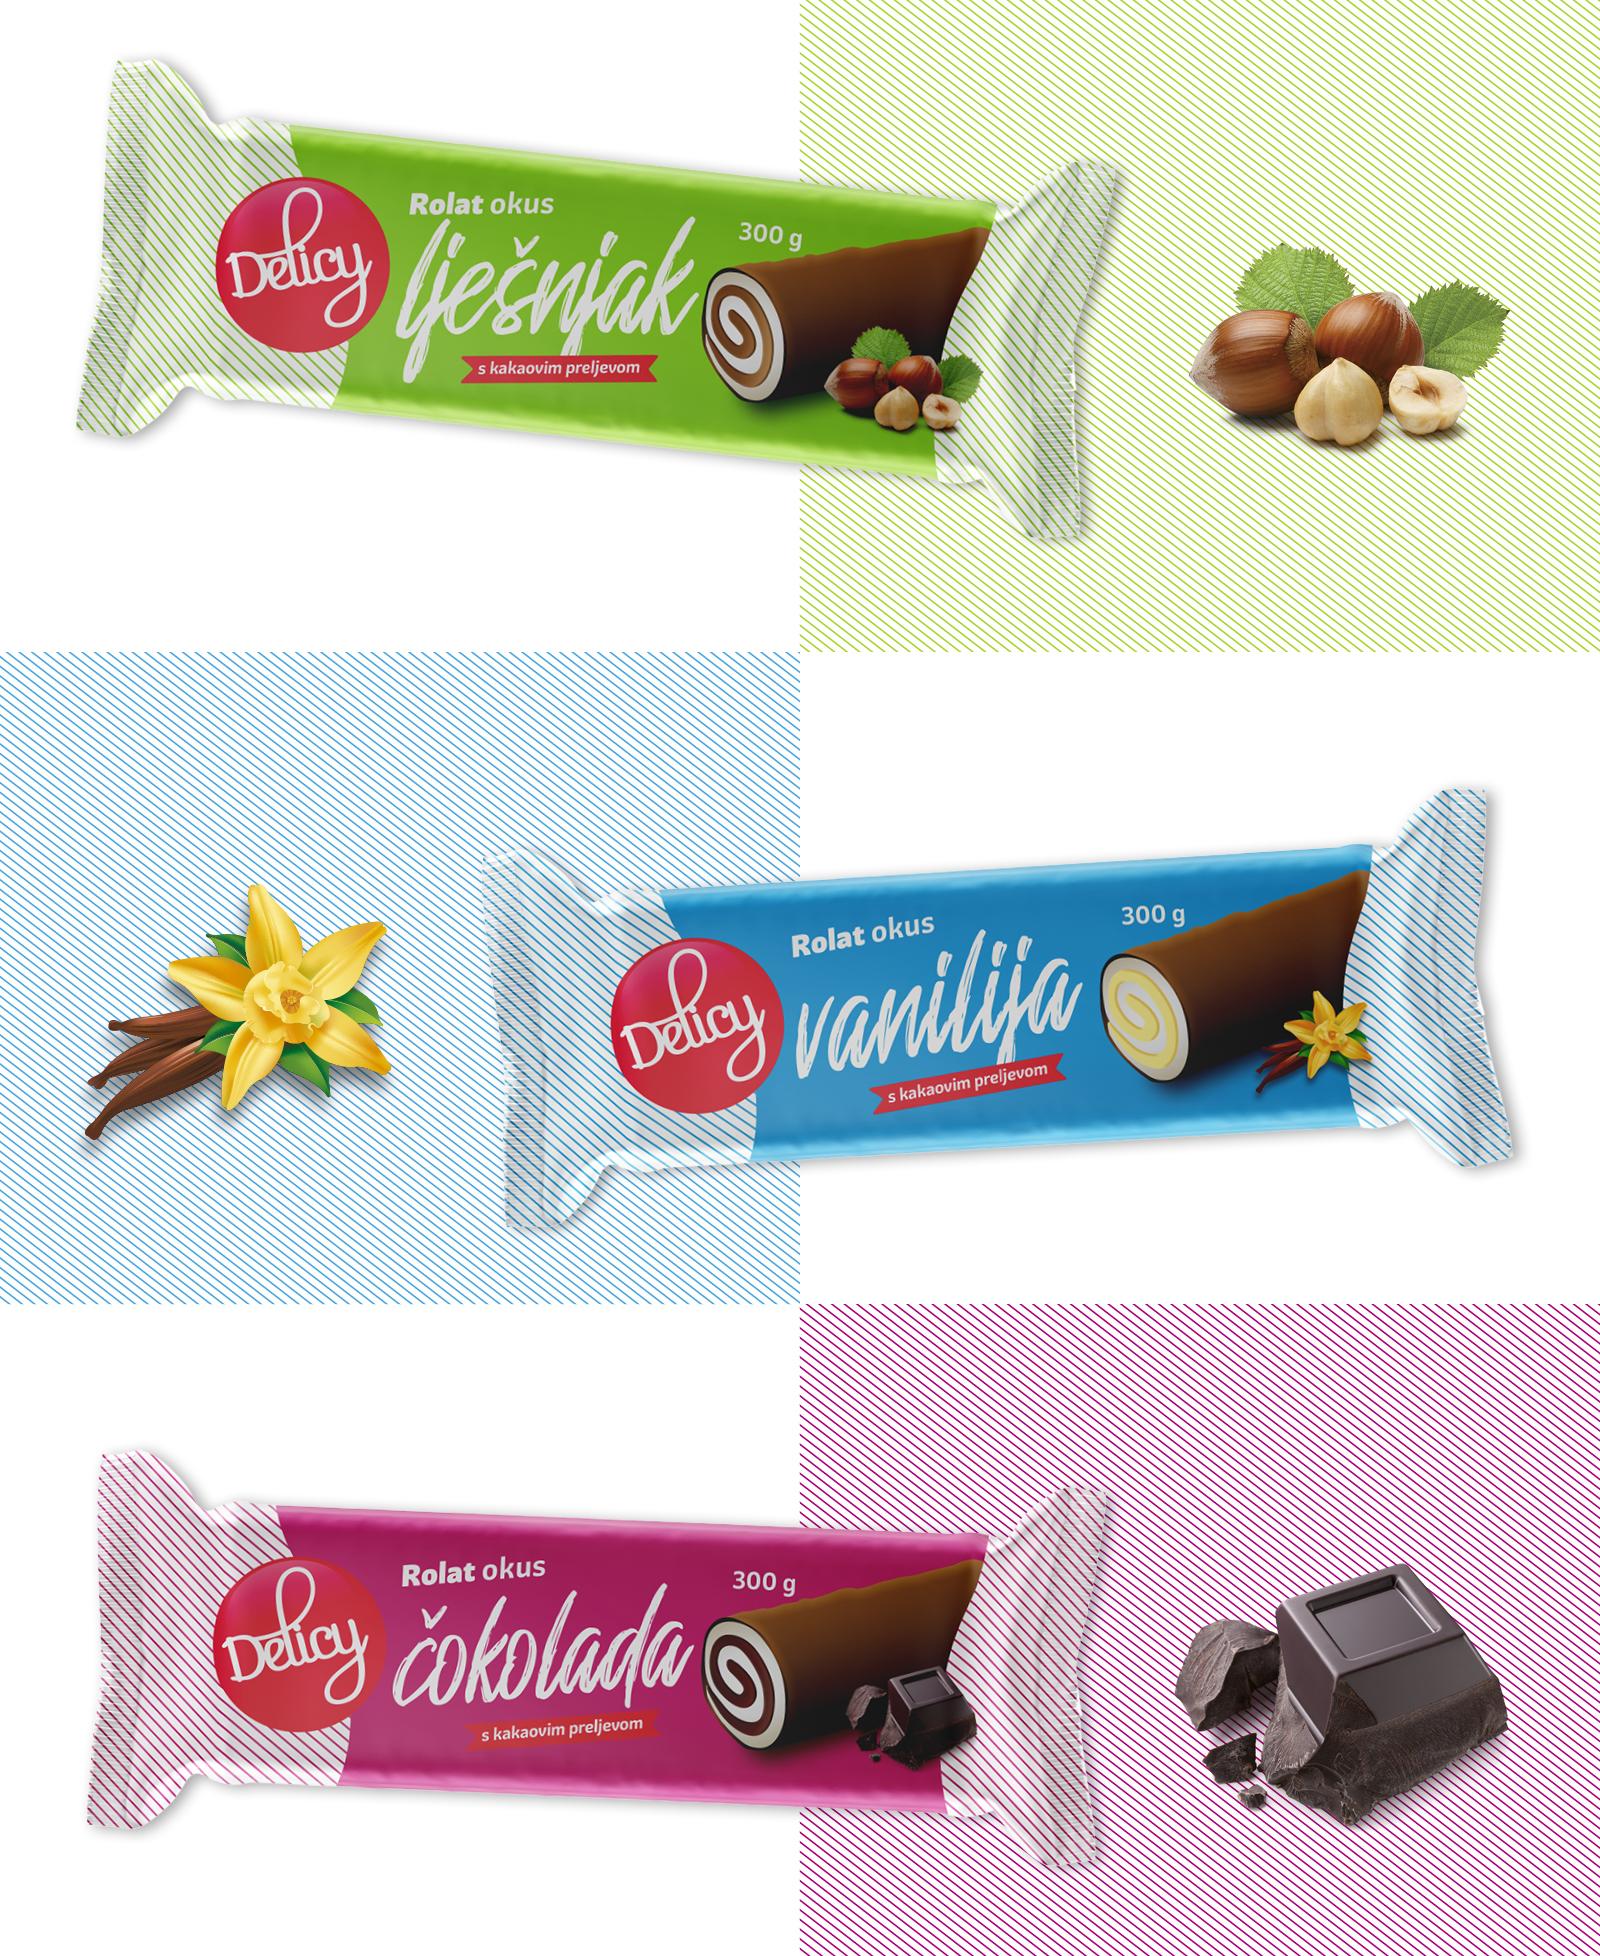 Dizajn pakiranja branda Delicy